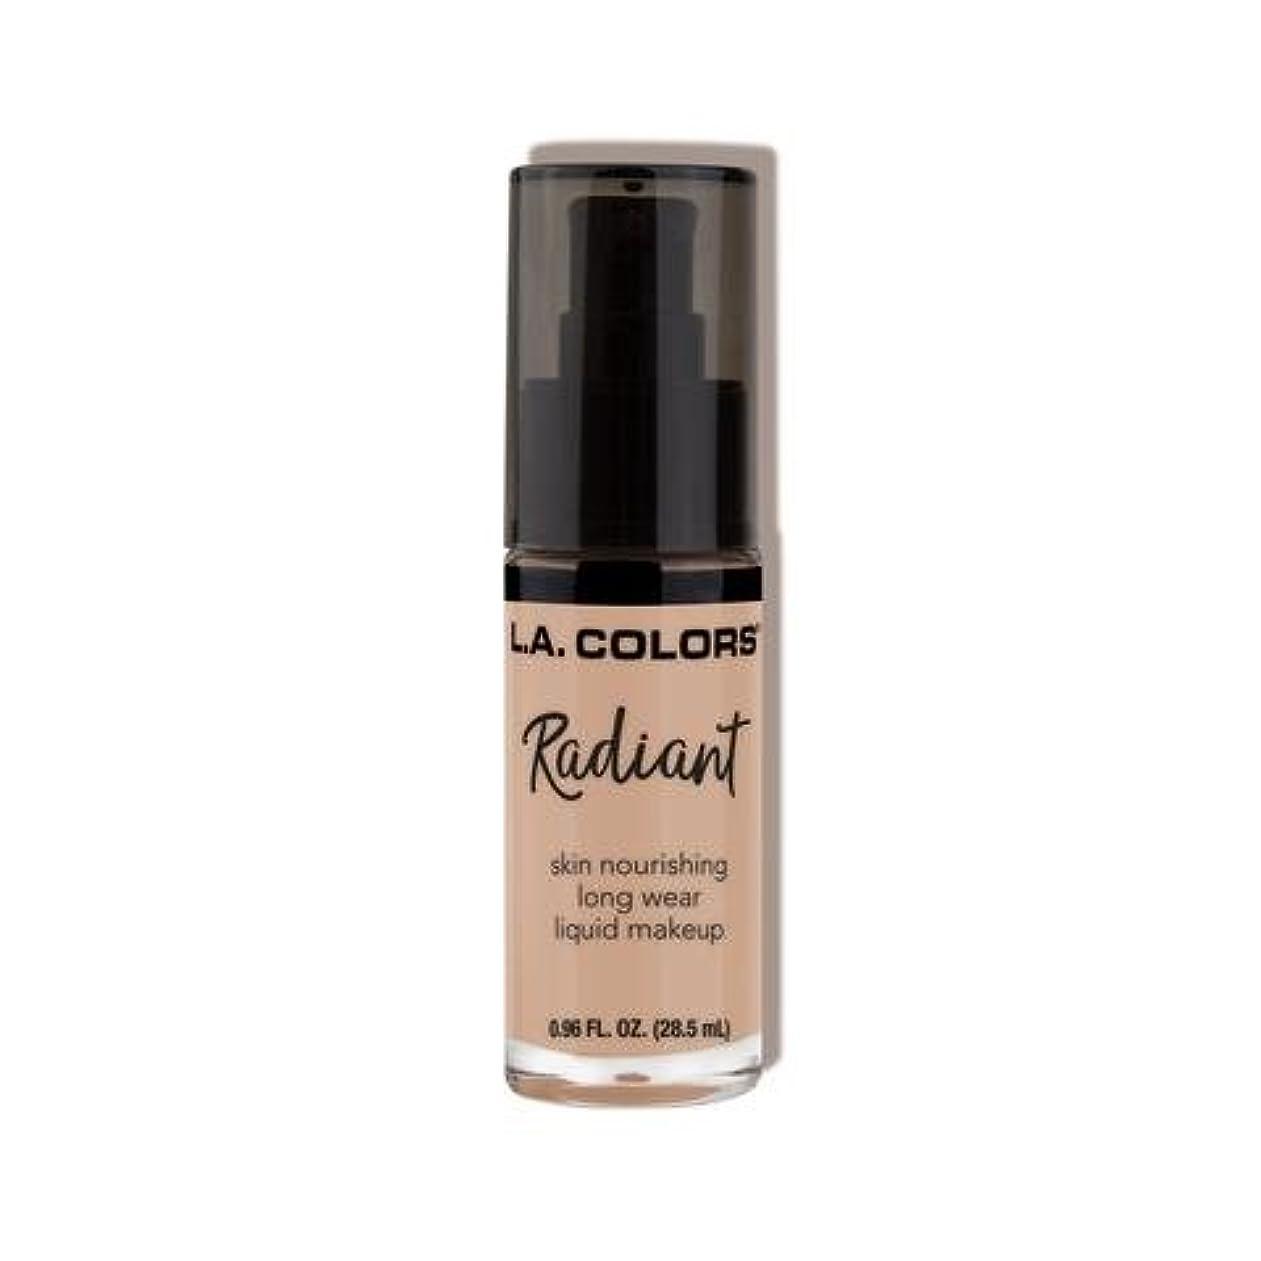 フレームワーク蜂魔女(6 Pack) L.A. COLORS Radiant Liquid Makeup - Beige (並行輸入品)